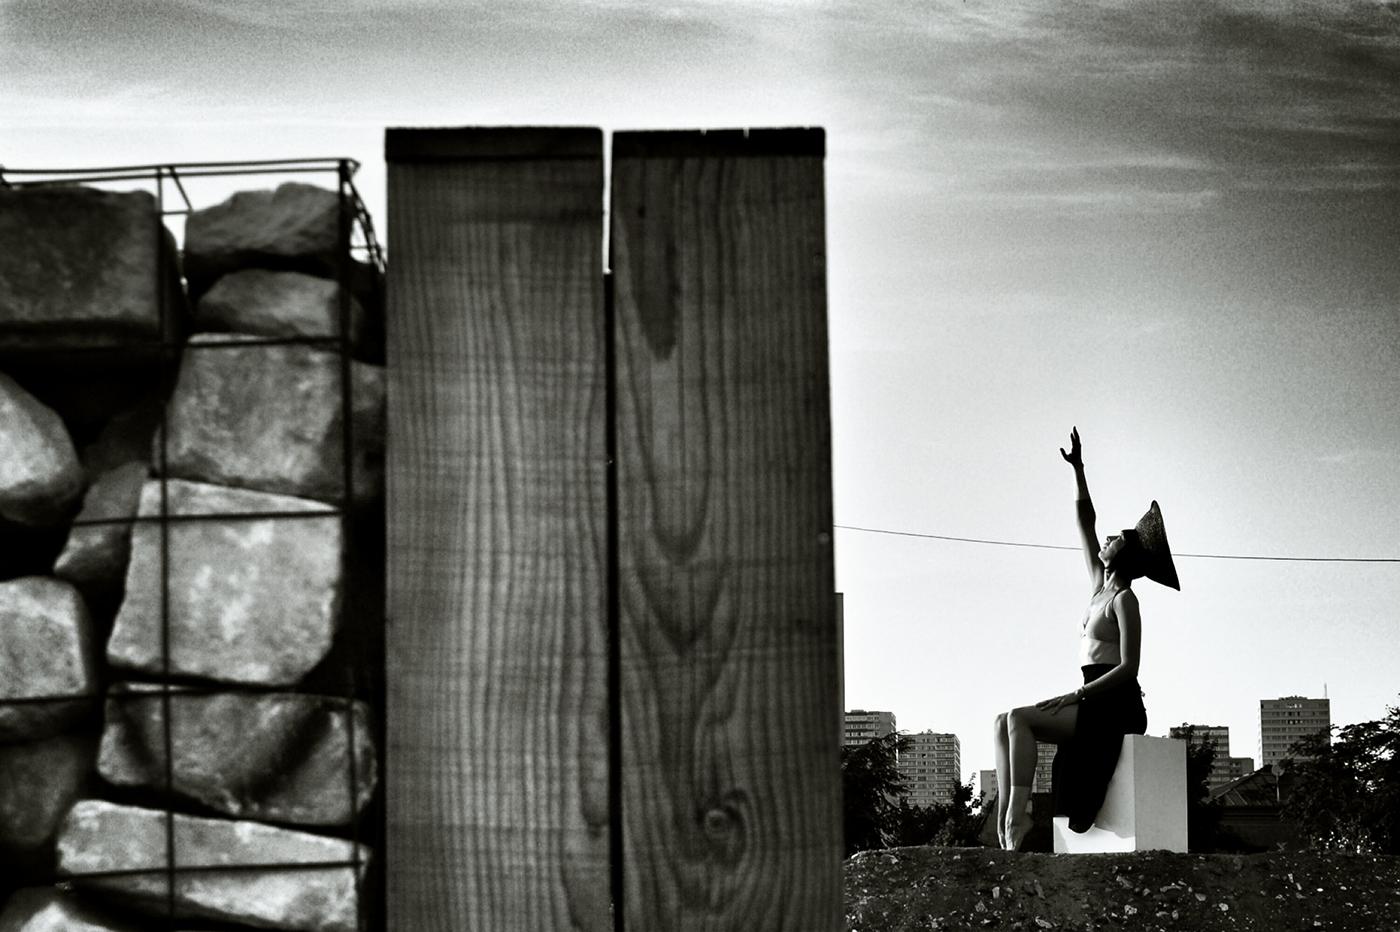 Les Bois de l'ombre © Pascal Osten